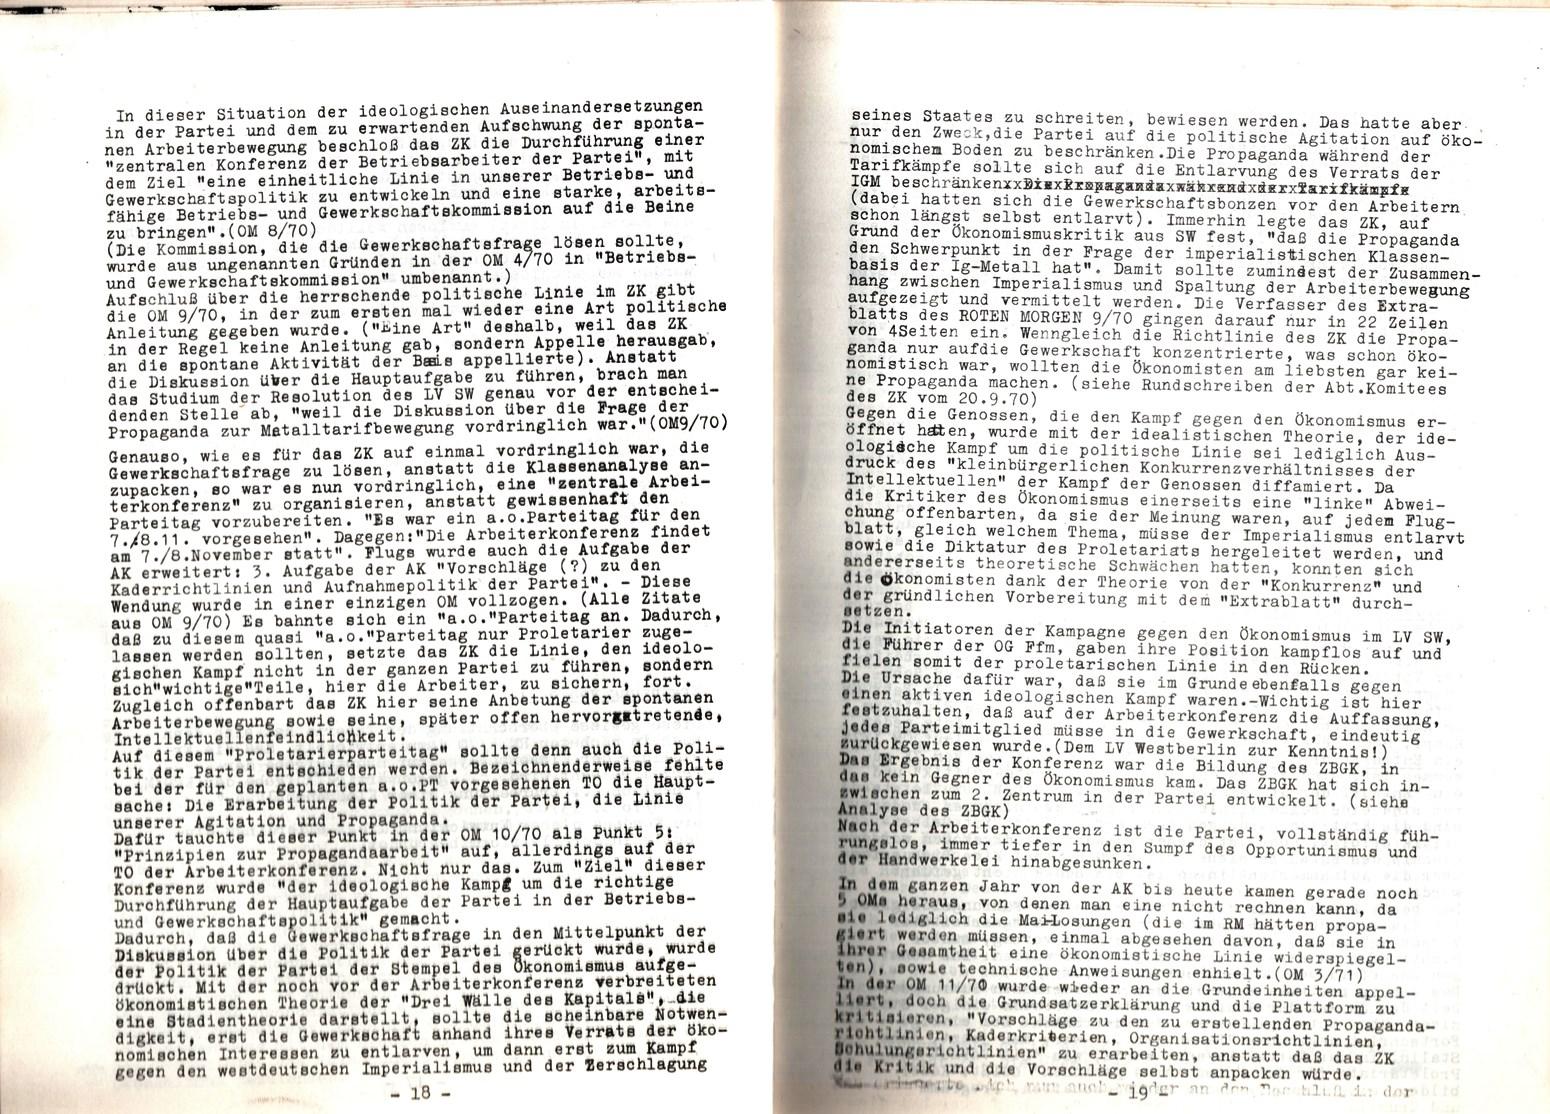 KPDML_1971_Analysen_und_Antraege_des_LV_Sued_West_015